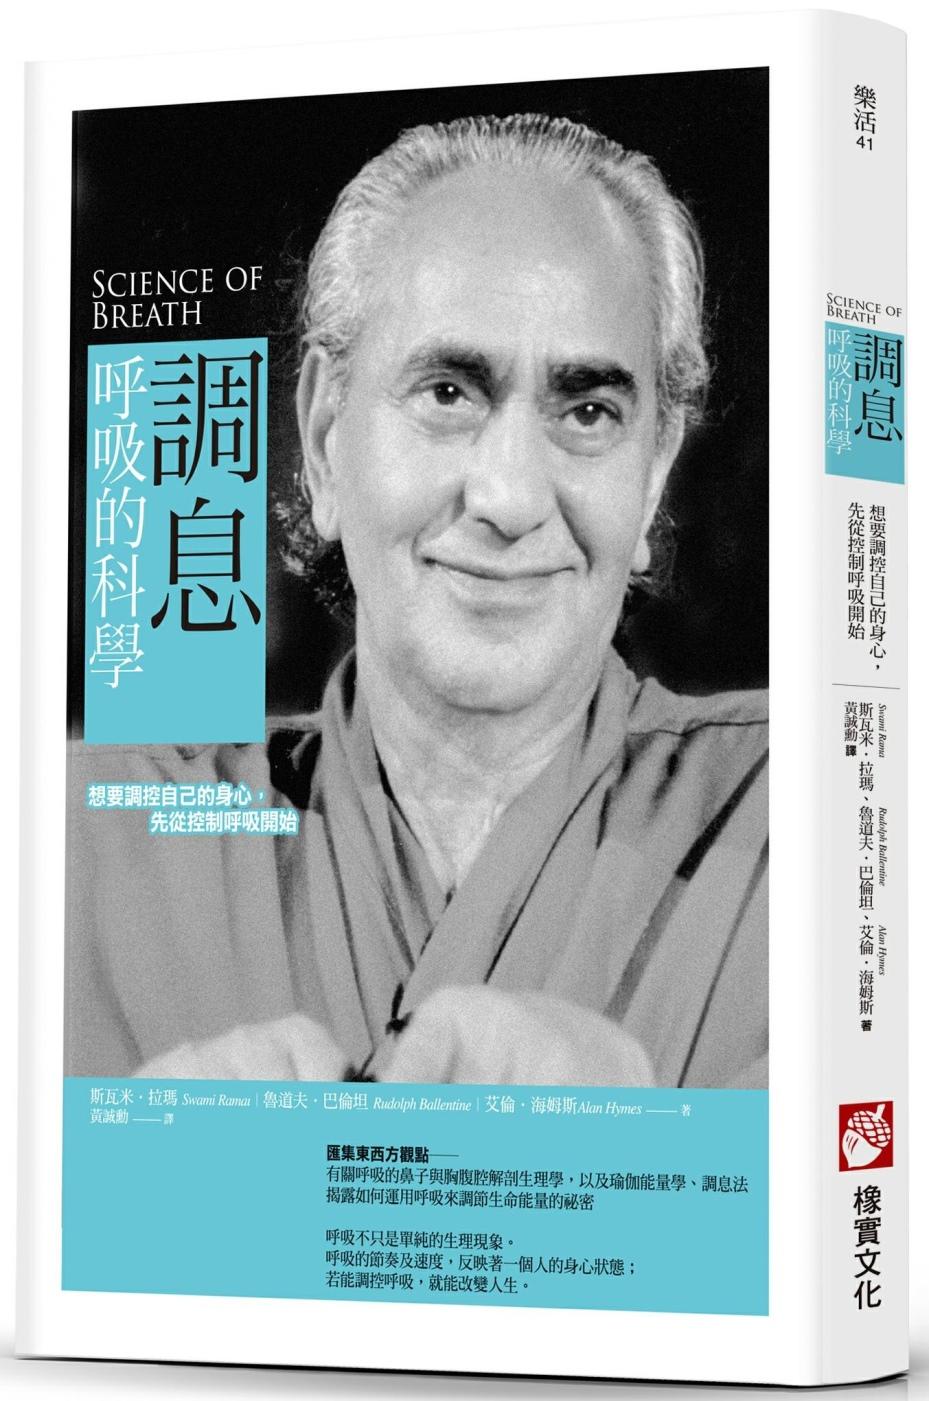 《調息‧呼吸的科學:想要調控自己的身心,先從控制呼吸開始》 商品條碼,ISBN:9789579001410